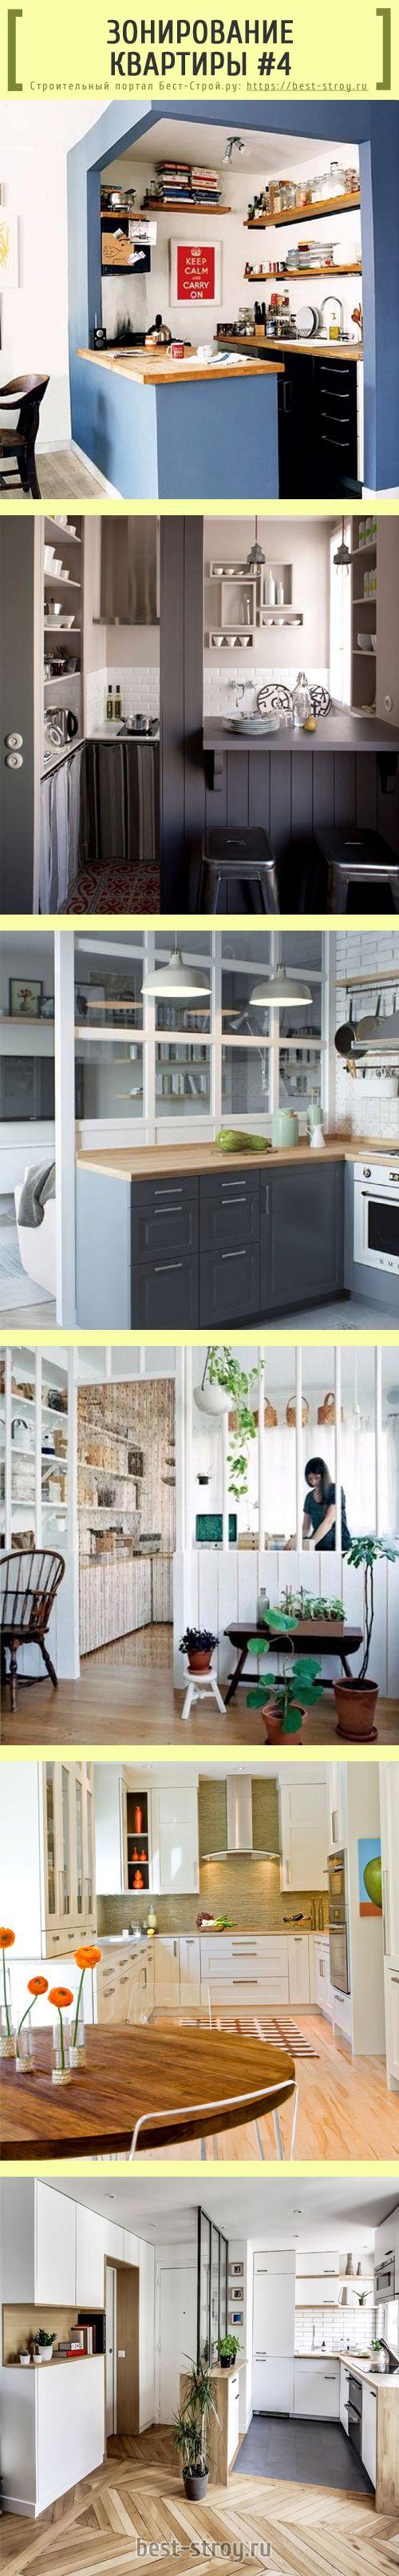 Зонирование и отделение кухни от гостиной комнаты: используем цвет стен, барные стойки и фактуру пола.